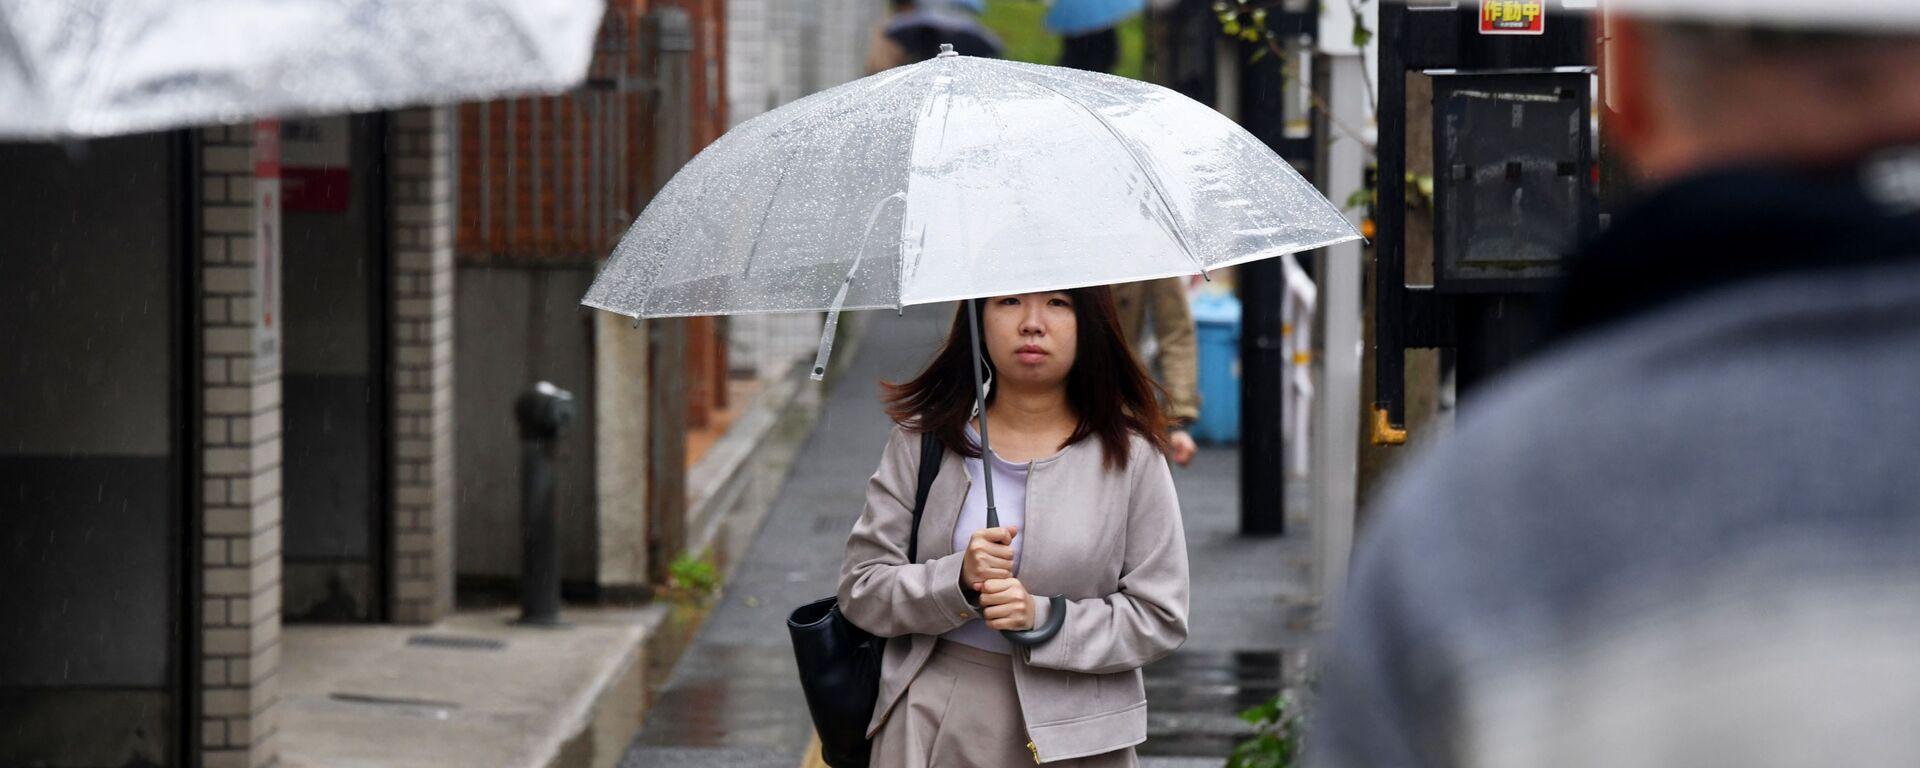 Dziewczyna pod parasolką w Japonii - Sputnik Polska, 1920, 14.08.2021